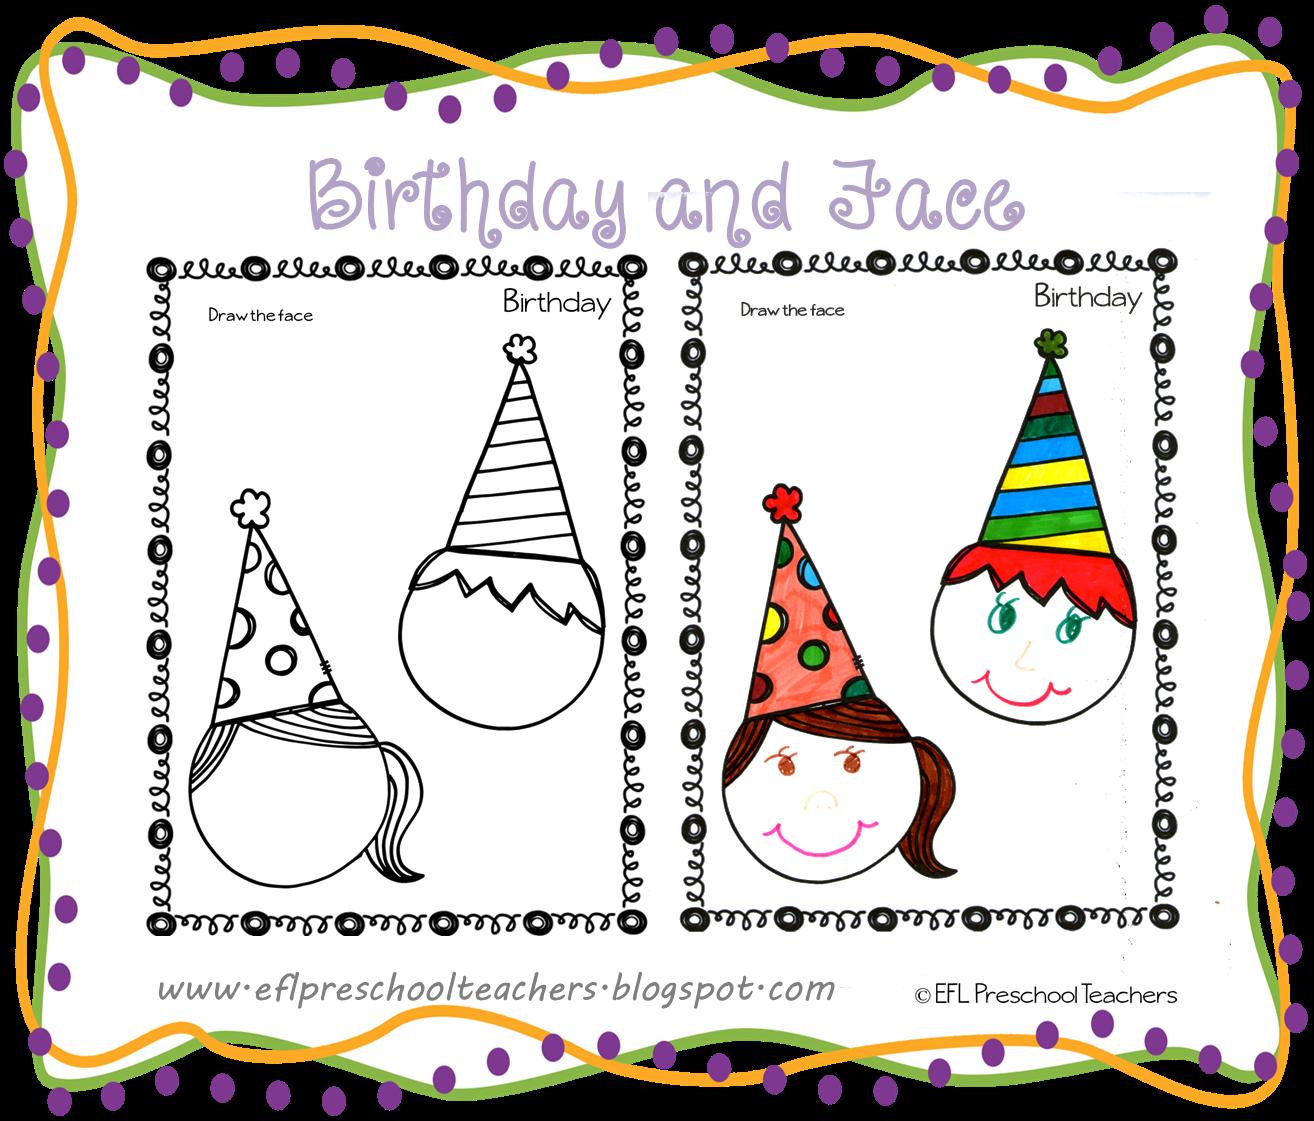 esl efl preschool teachers face teaching materials for the